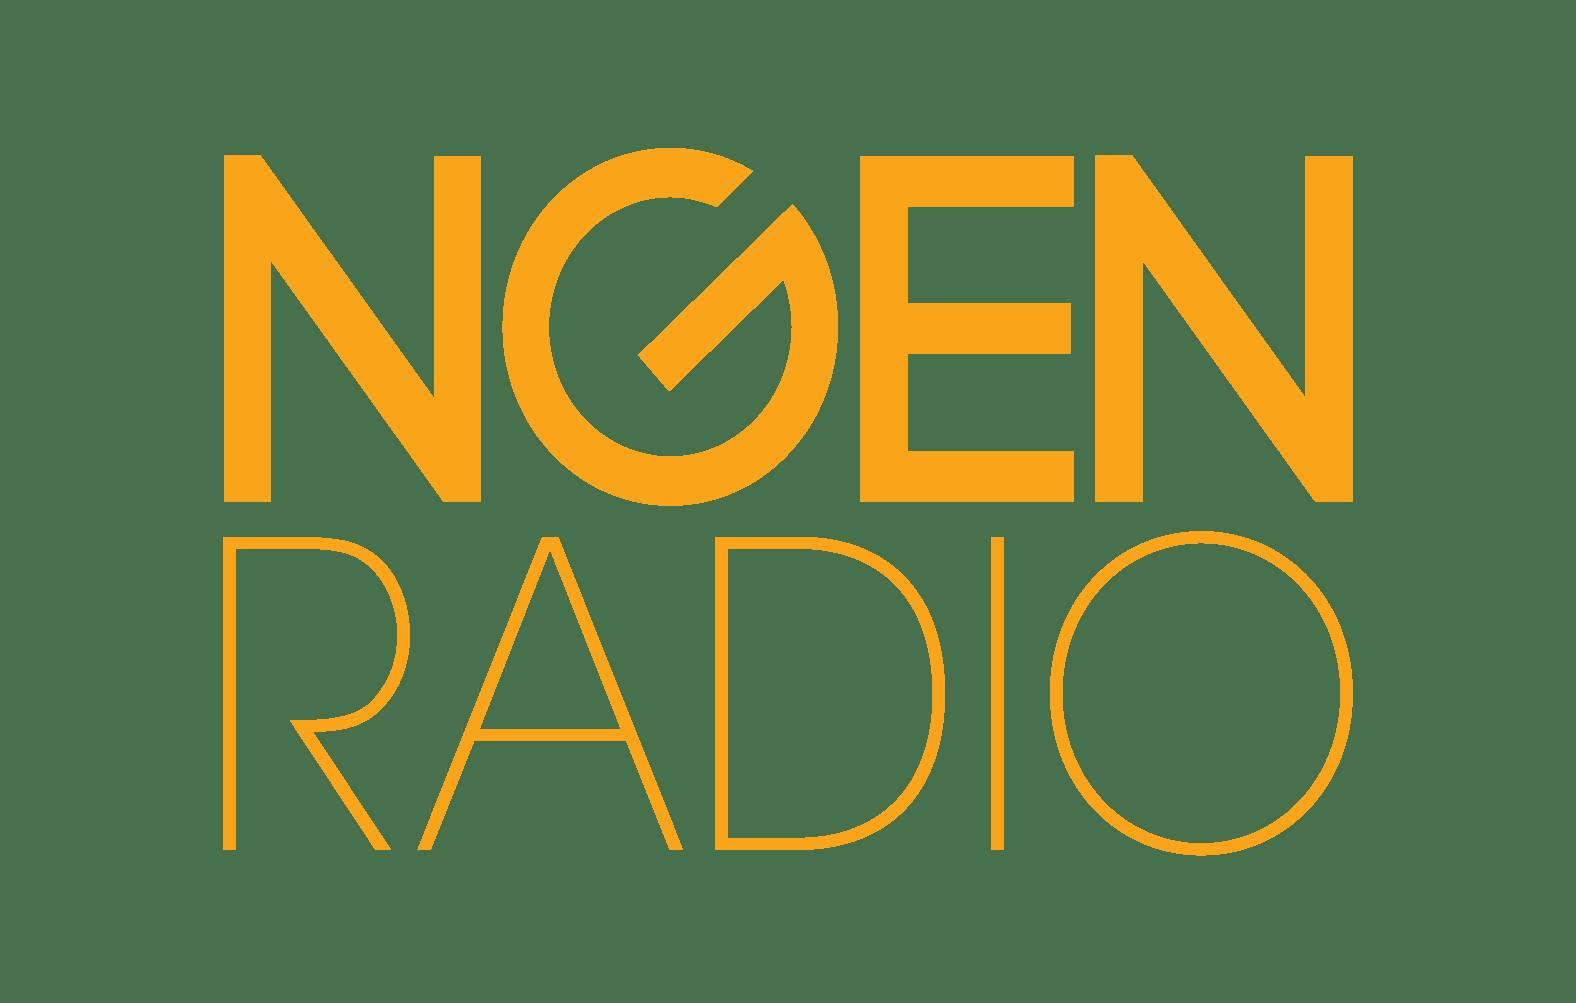 NGEN Radio